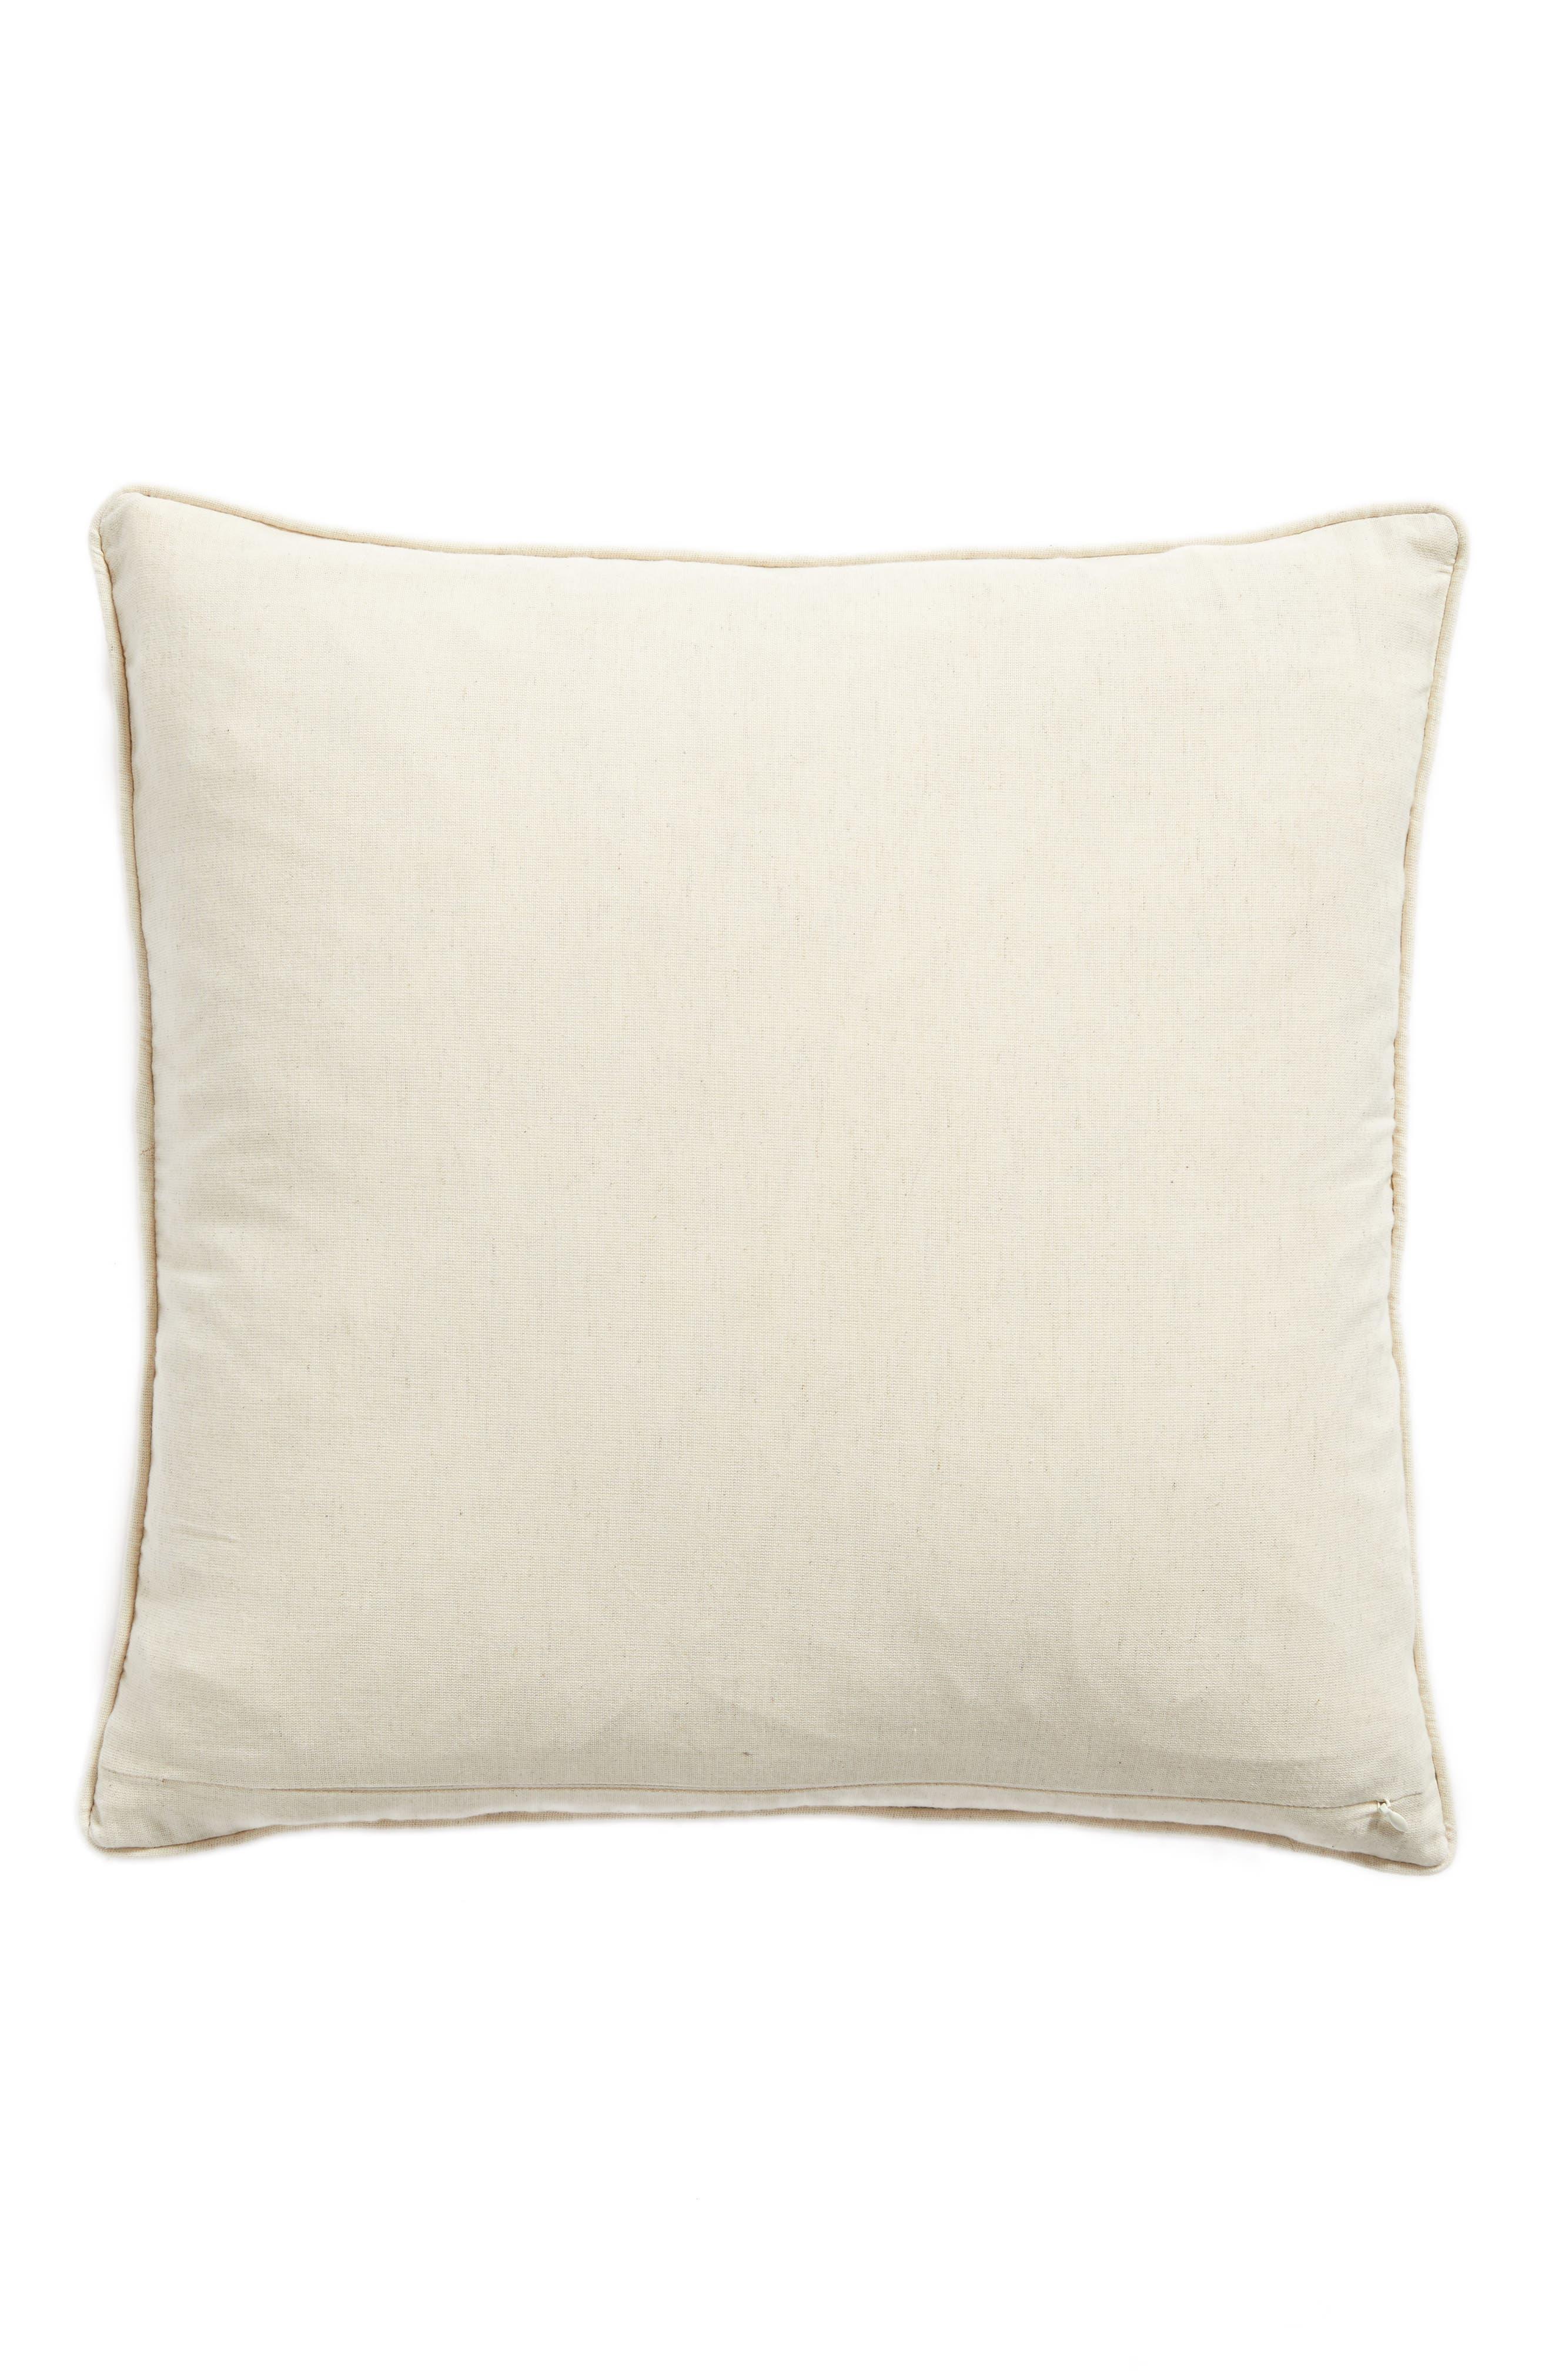 Velvet Cutout Accent Pillow,                             Alternate thumbnail 2, color,                             400